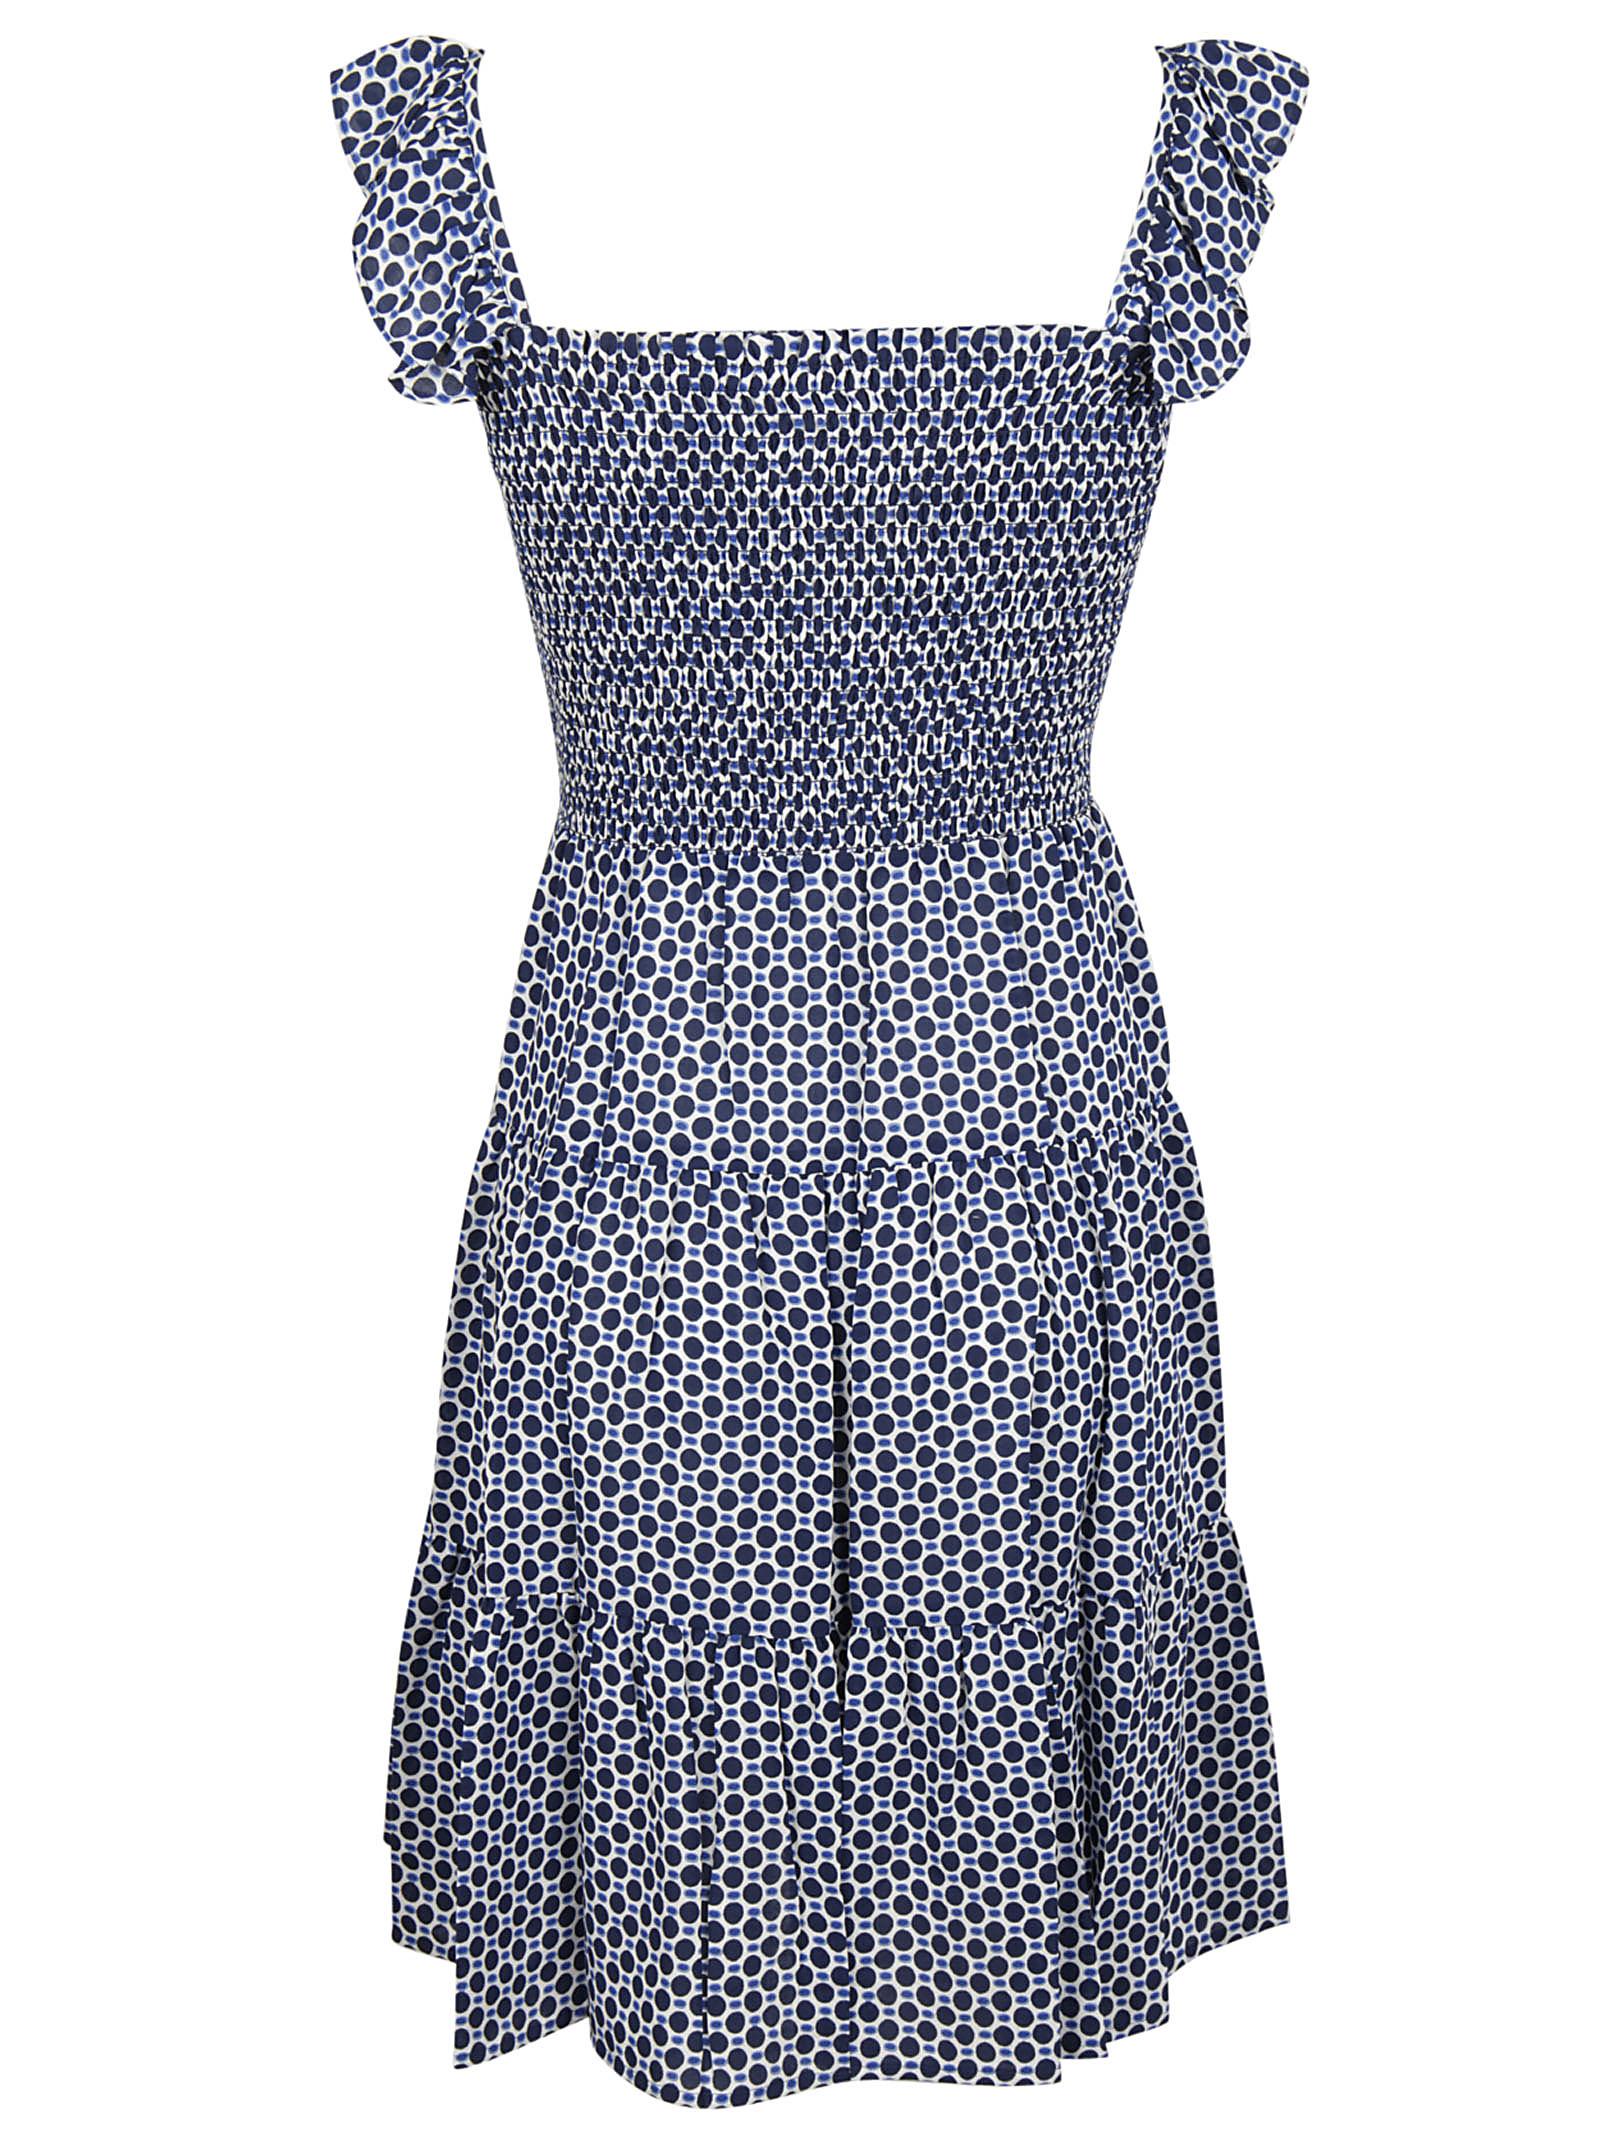 Tory Burch Tory Burch Dot Print Smocked Dress